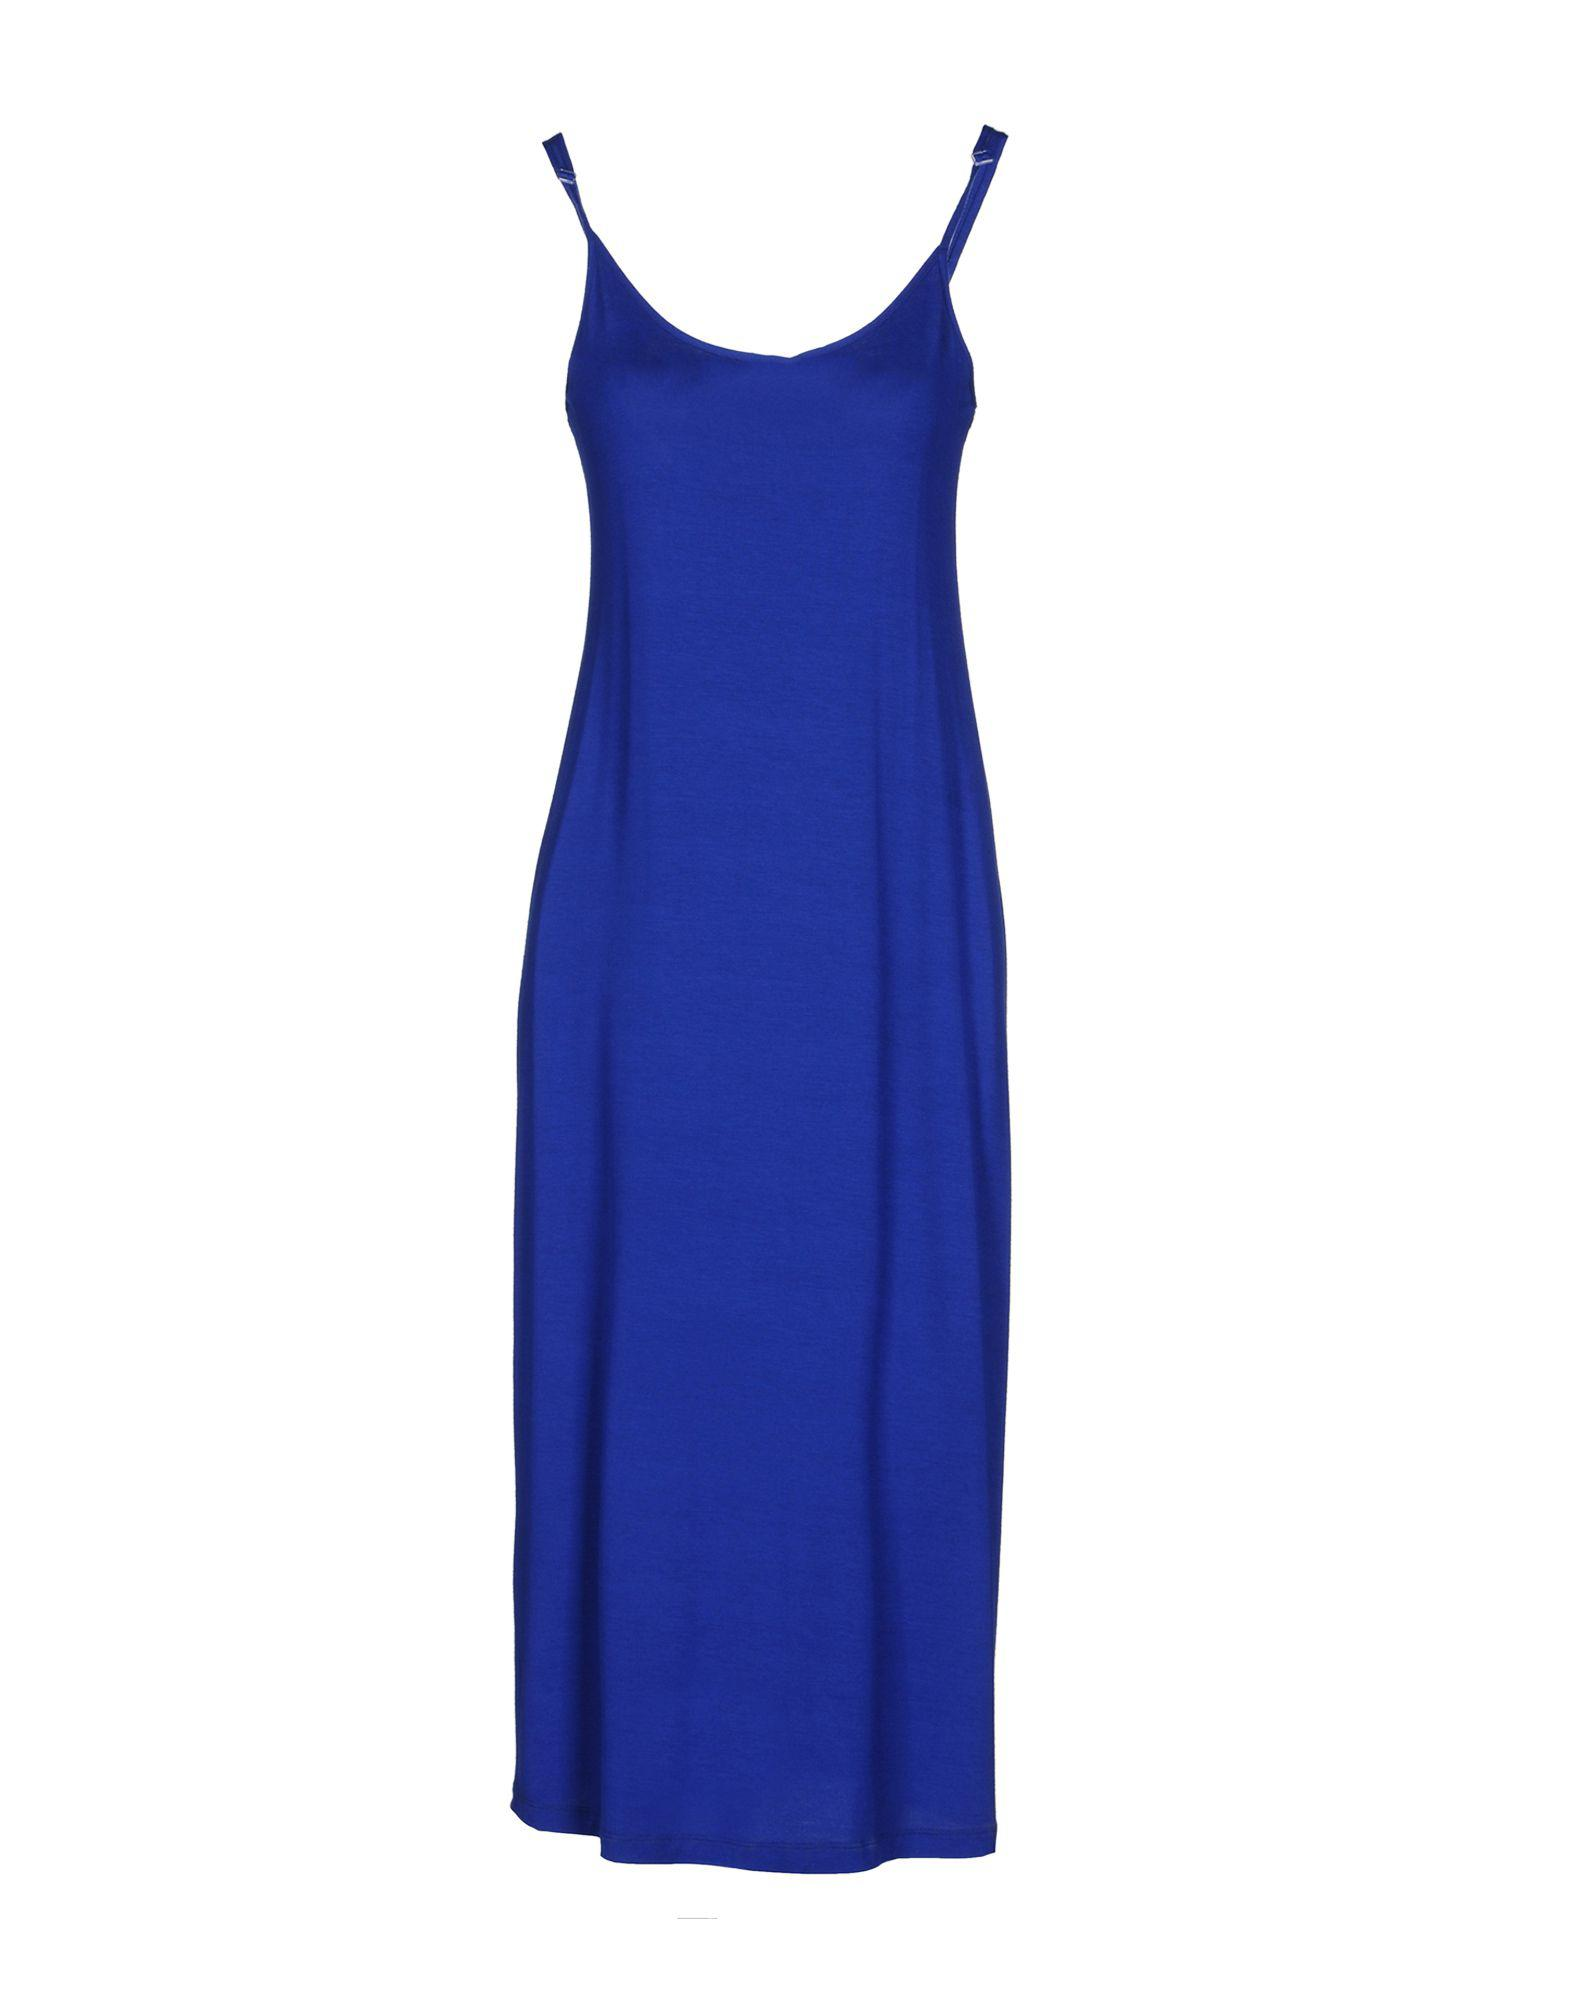 DRESSES - 3/4 length dresses Dv Roma heJJIVz